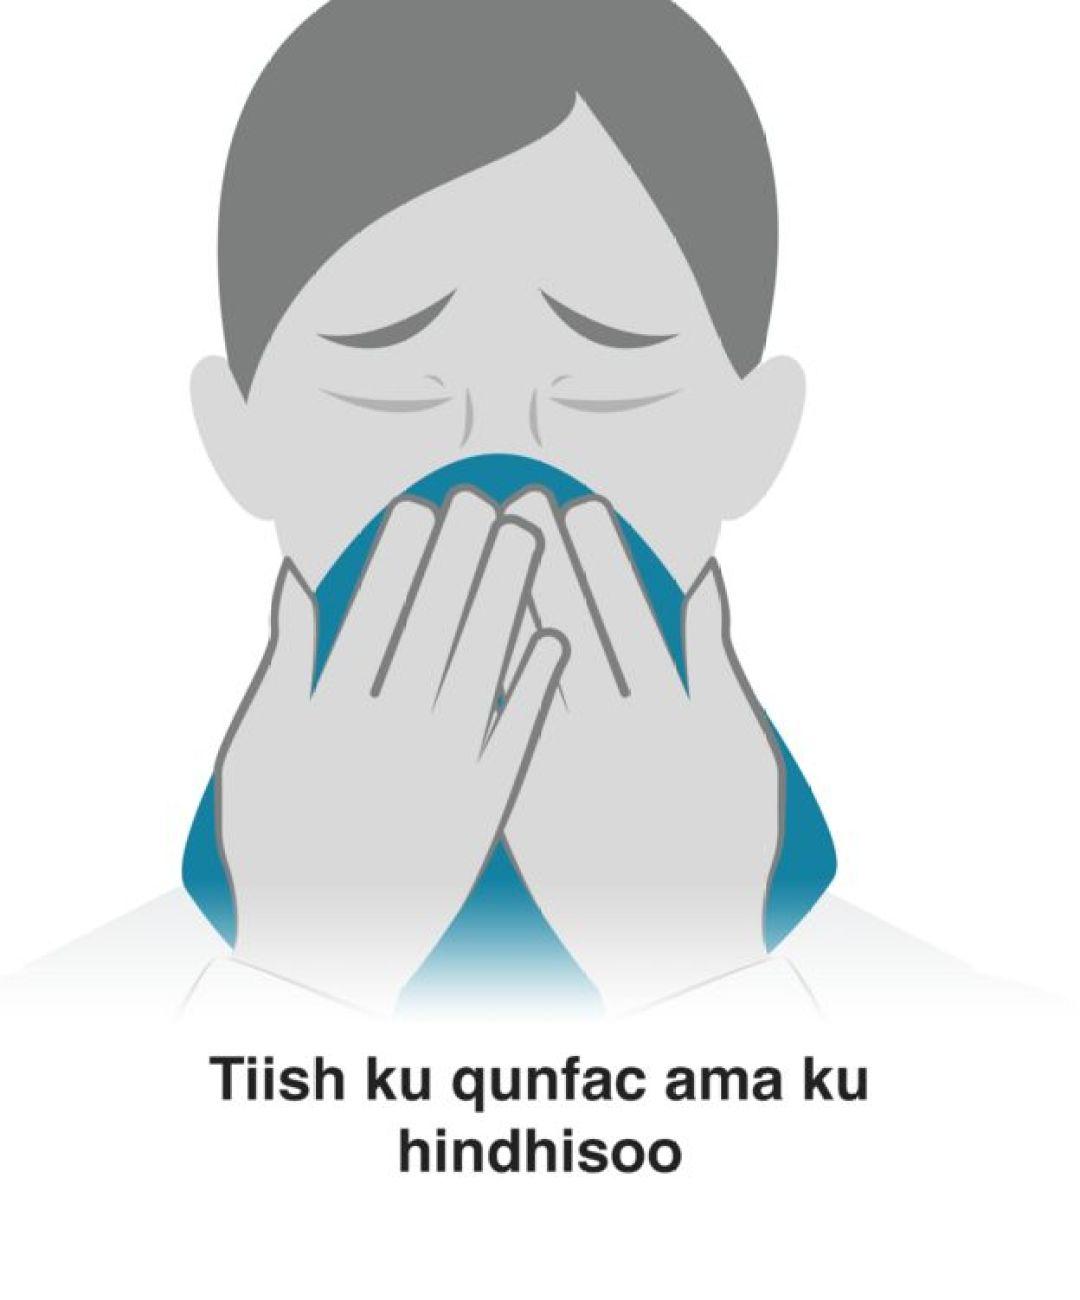 Tiish isticmaal si aad u hindisooto ama u qufacdo